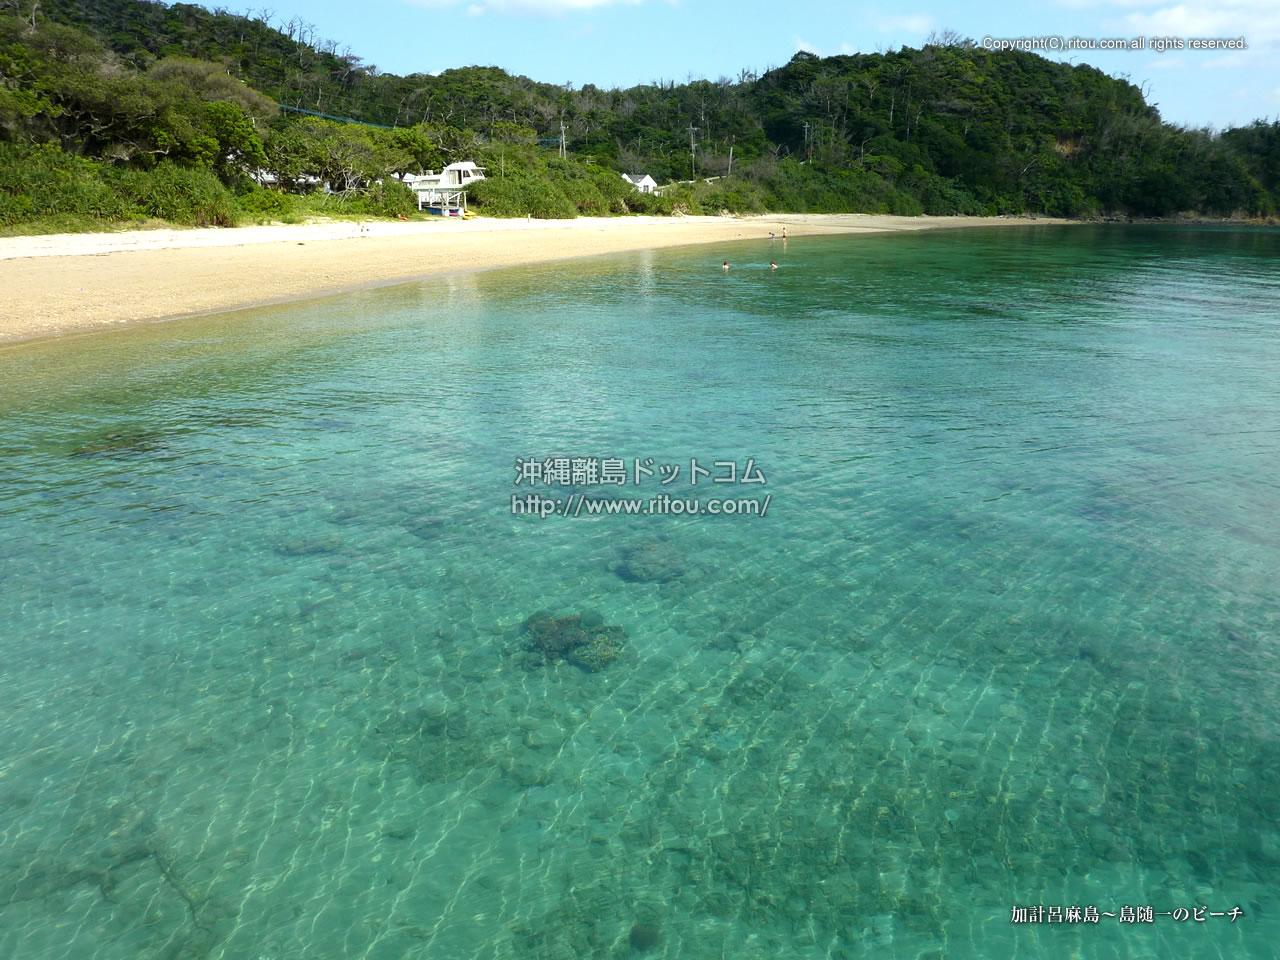 加計呂麻島〜島随一のビーチ